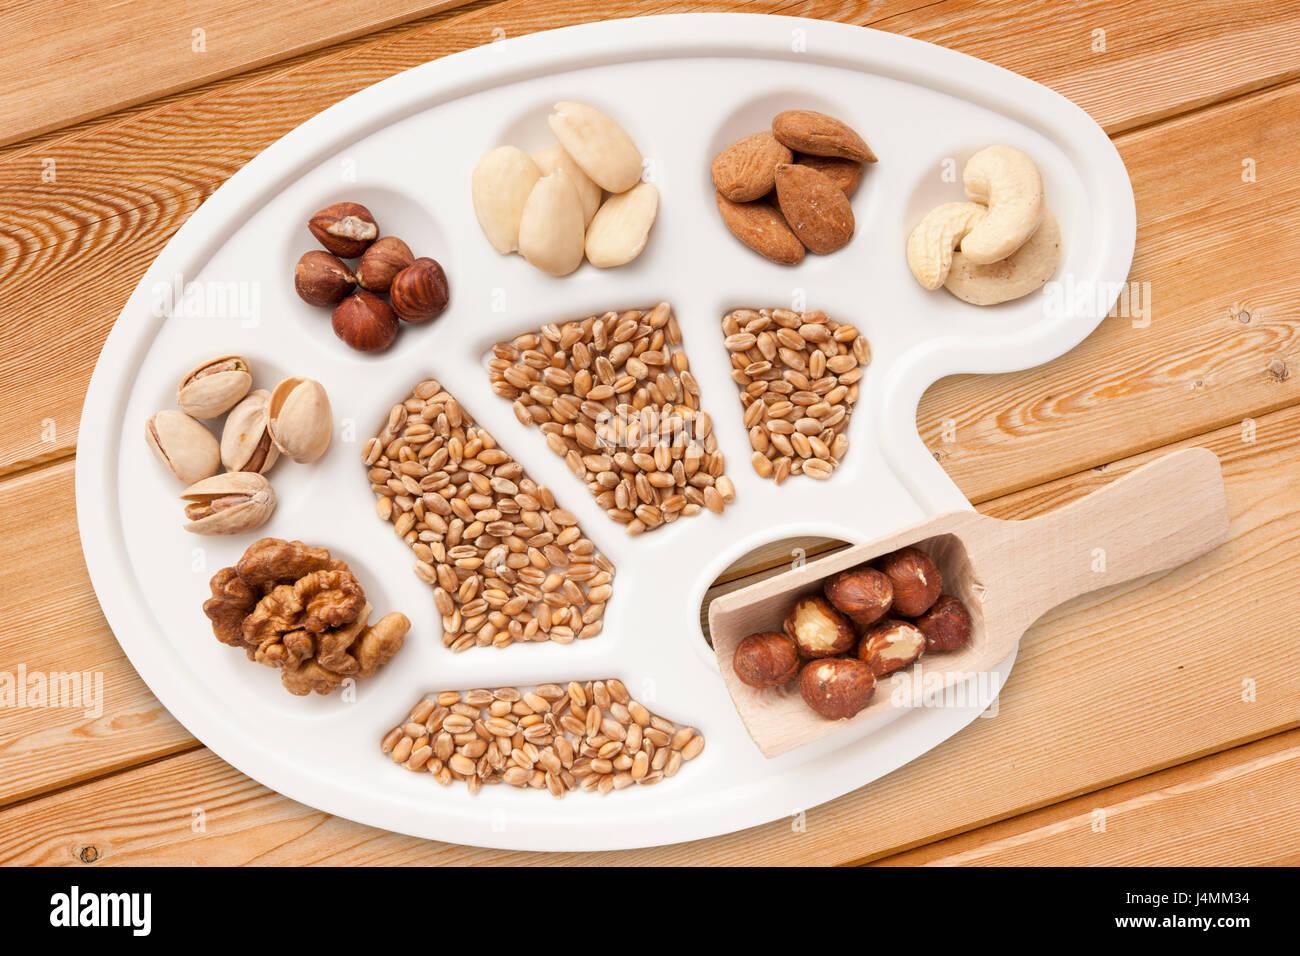 Verschiedene Nüsse, Mandeln und Getreidekörner auf weißer Maler-Pallette freigestellt auf schrägen Fichten-Brettern. Stock Photo